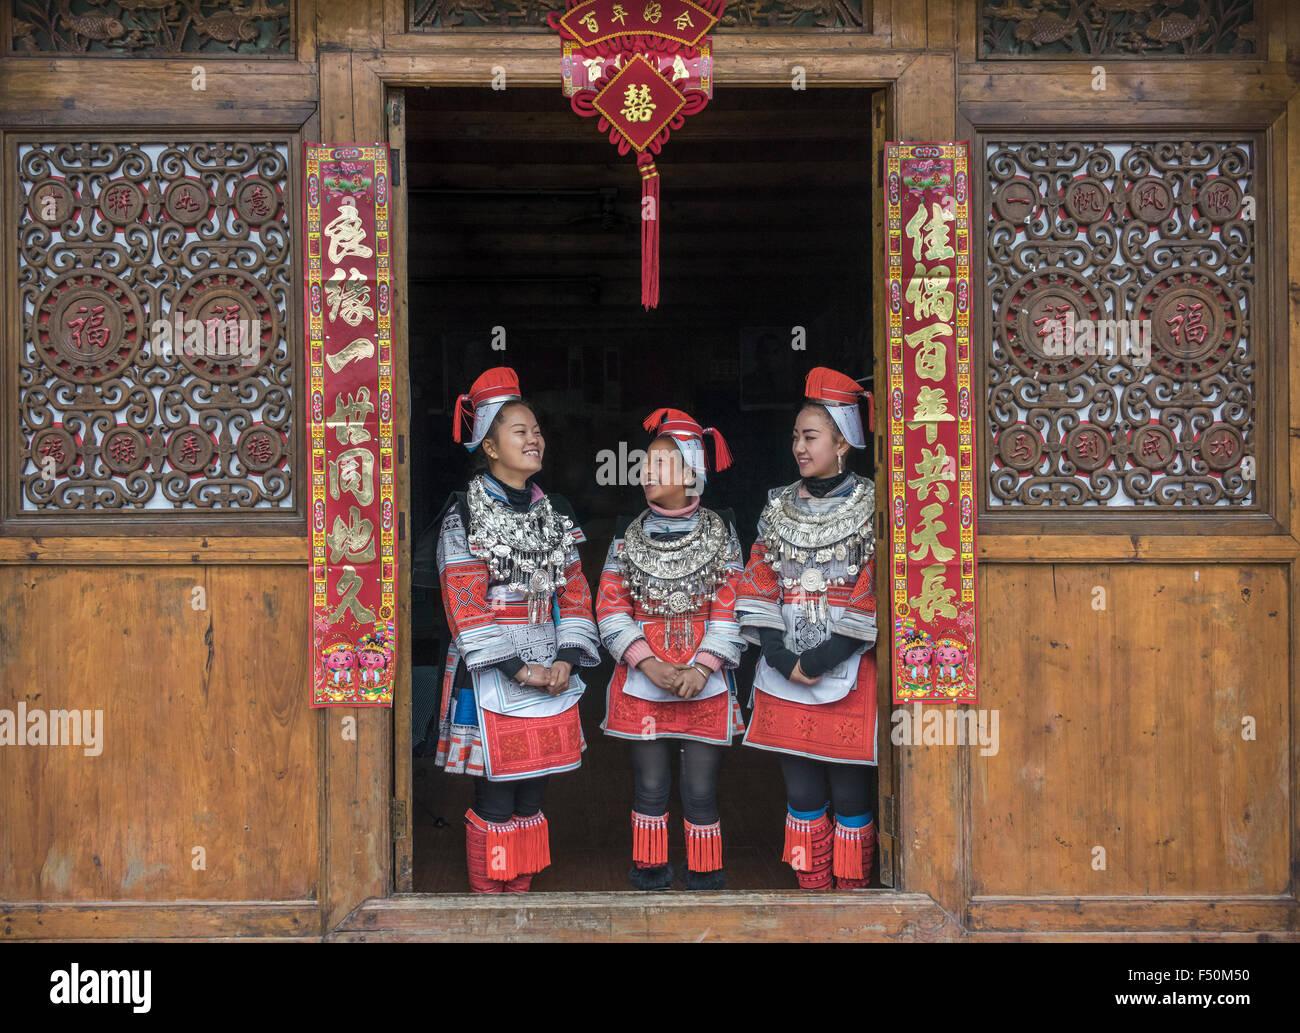 Ge Jia appartenenti a una minoranza etnica di donne in costumi tradizionali, Matang Village, Guizhou, Cina Immagini Stock